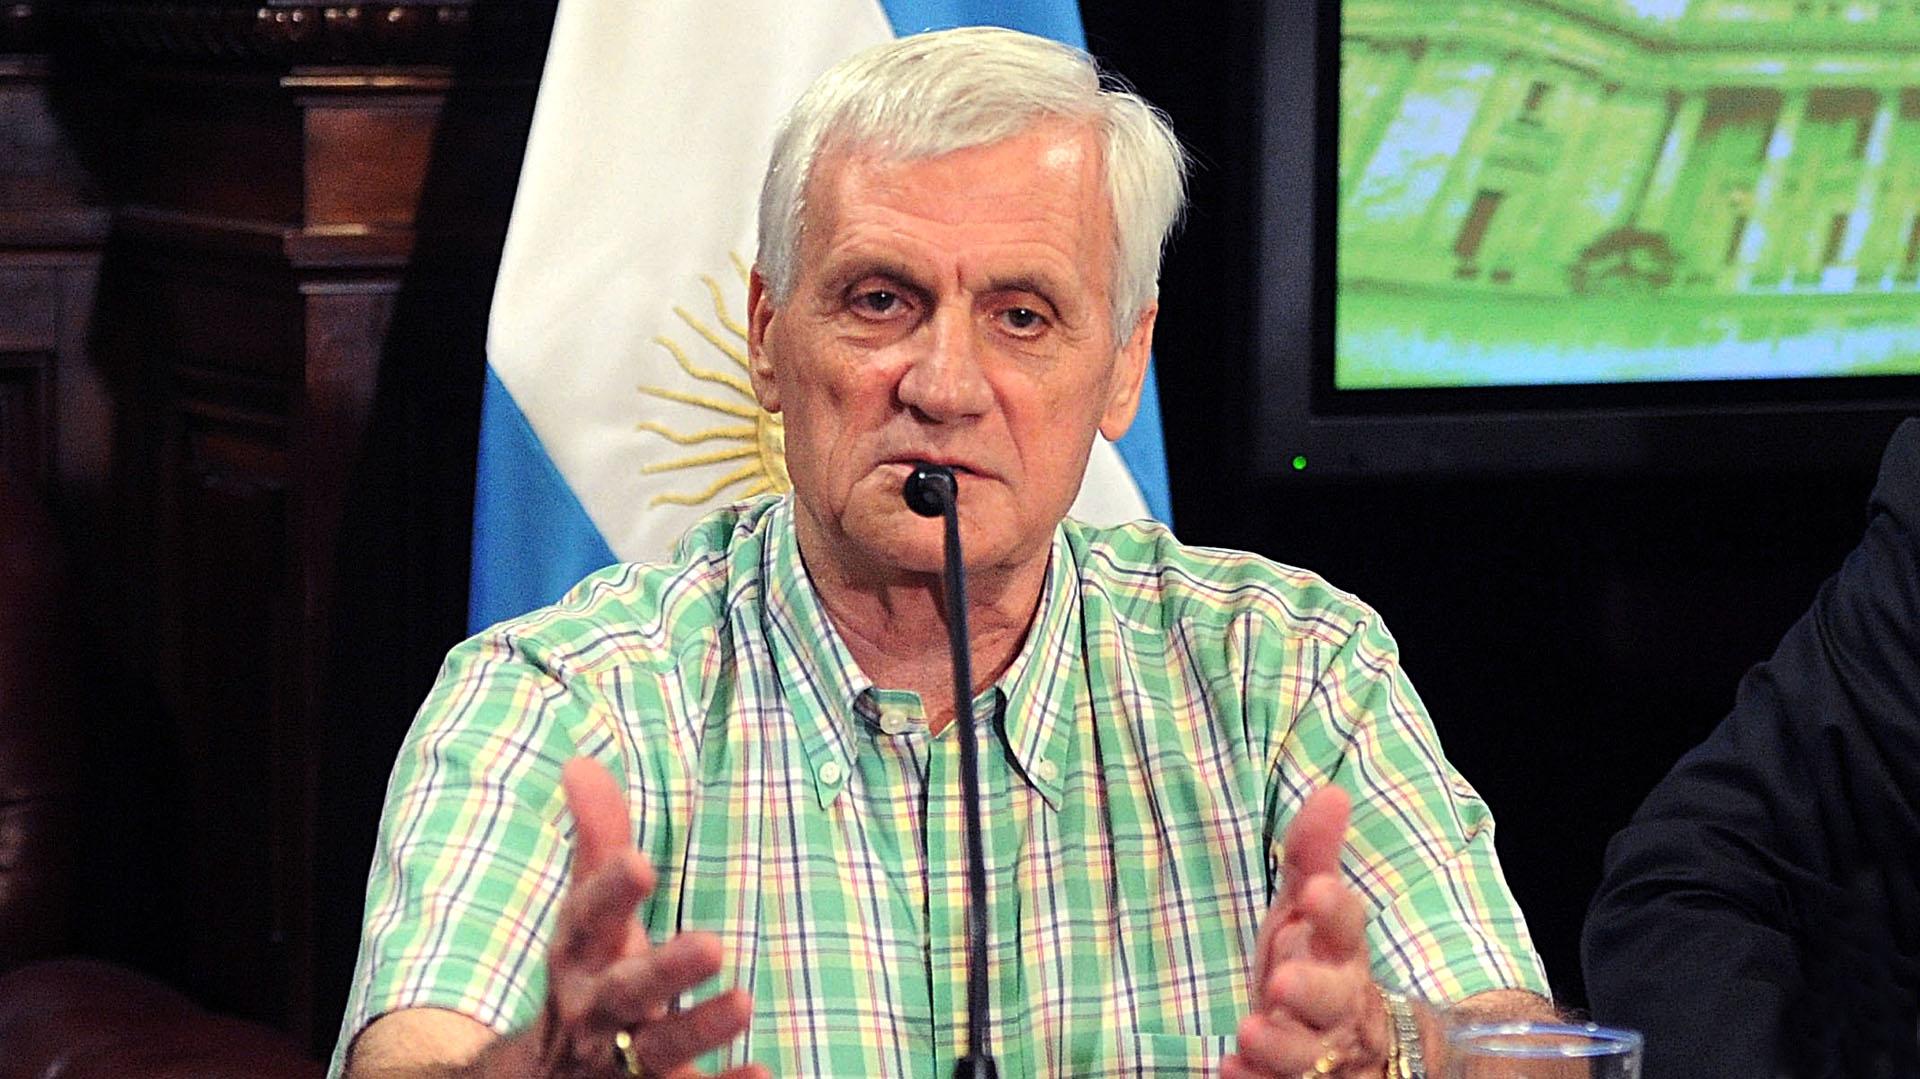 La UOM de Antonio Caló acaba de cerrar un 18,5% (Télam)